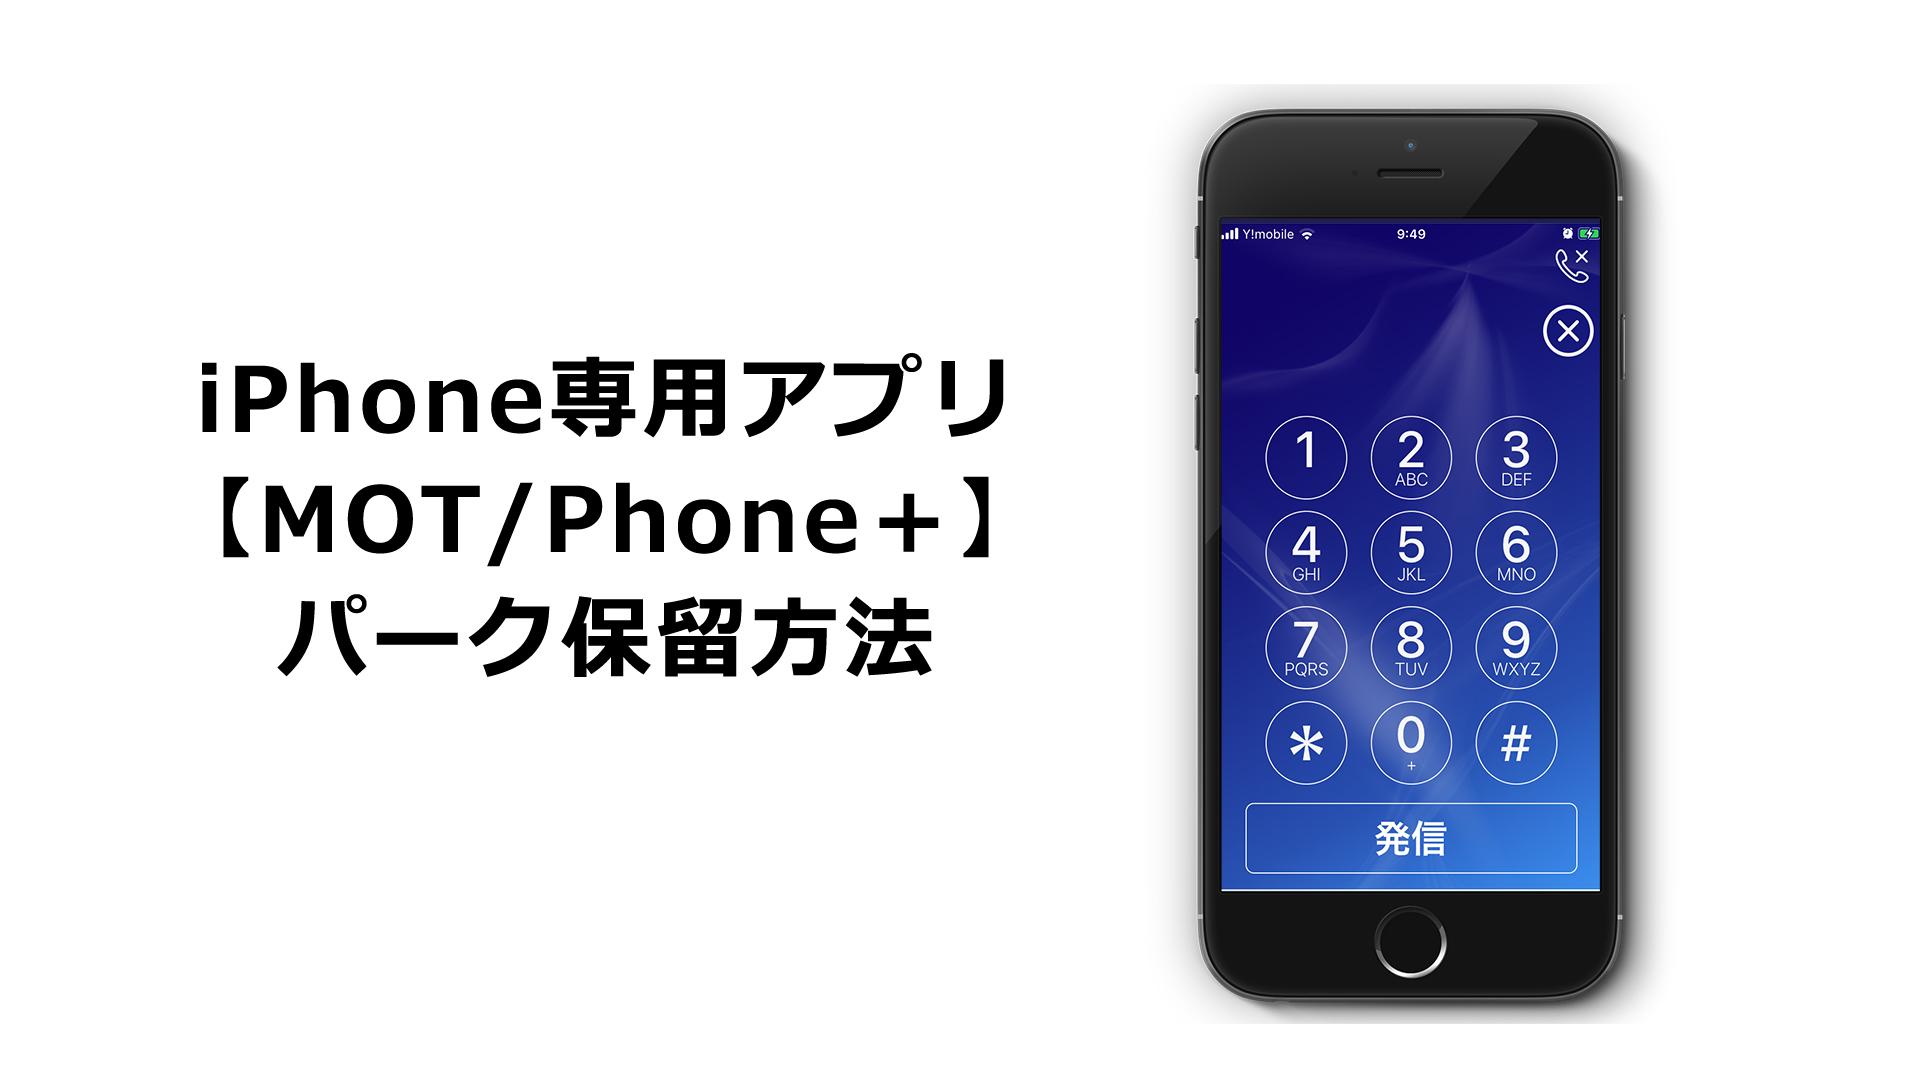 【MOTPhone+】パーク保留方法